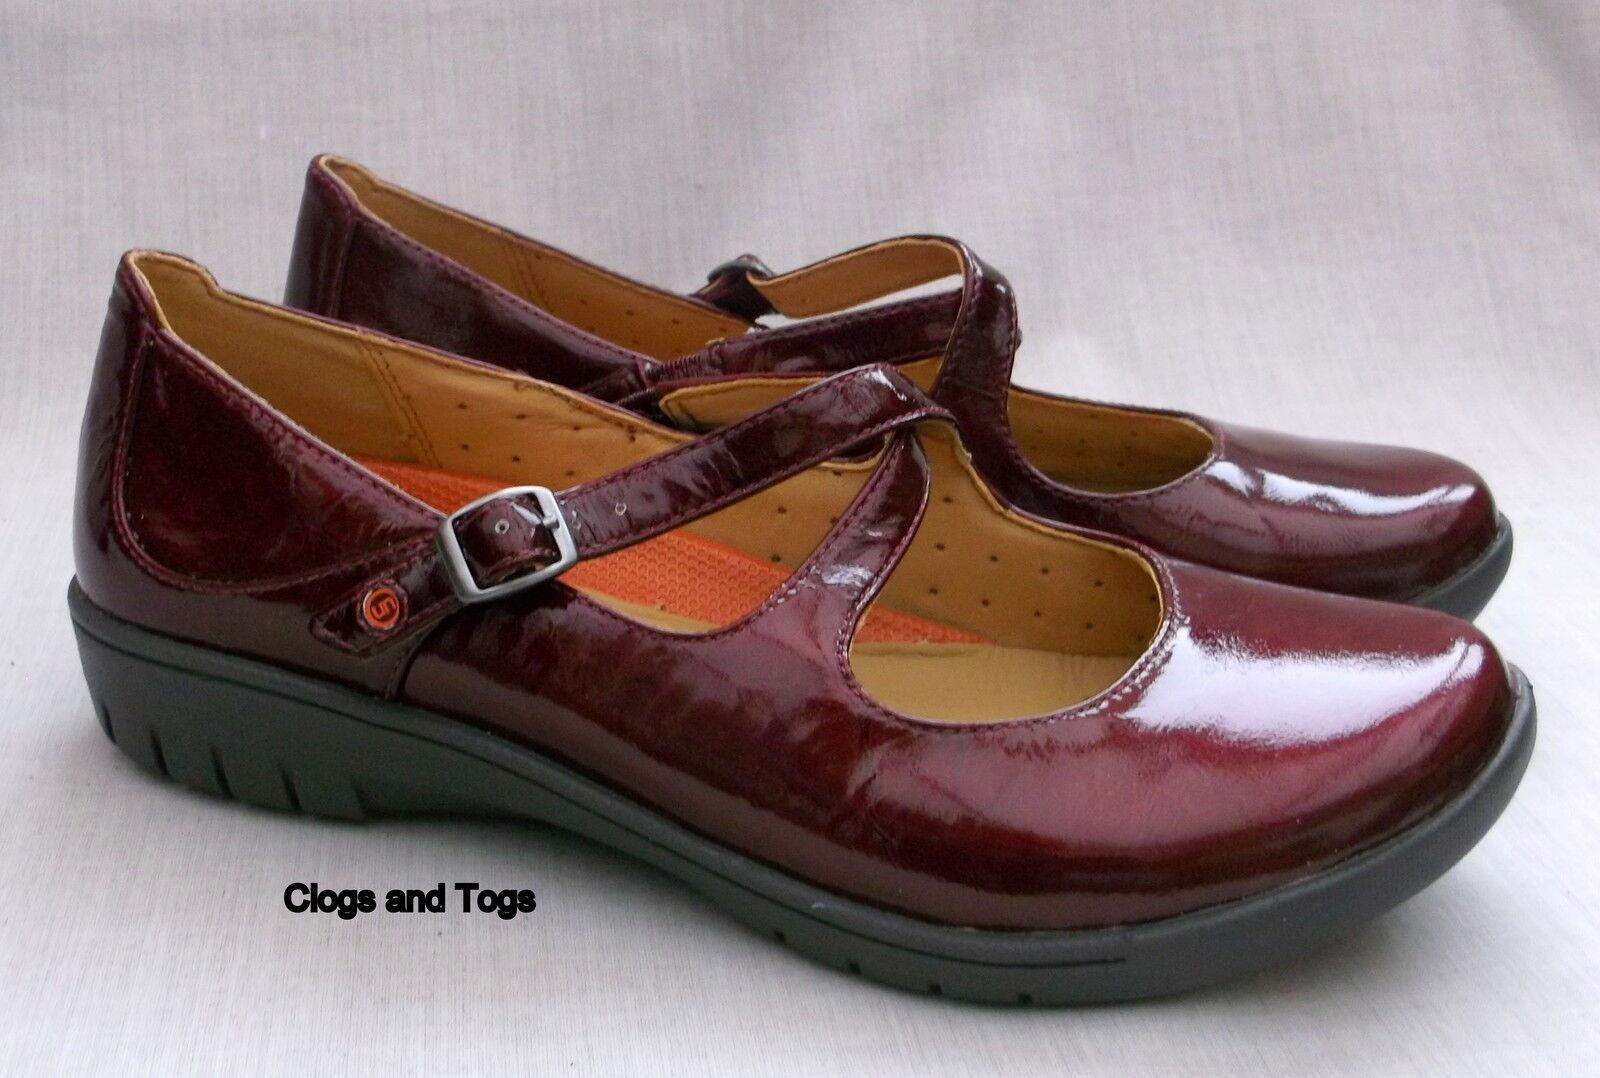 NEW Damenschuhe CLARKS UNSTRUCTUROT UN LADY Damenschuhe NEW BORDEAUX ROT PATENT Schuhe da47d0